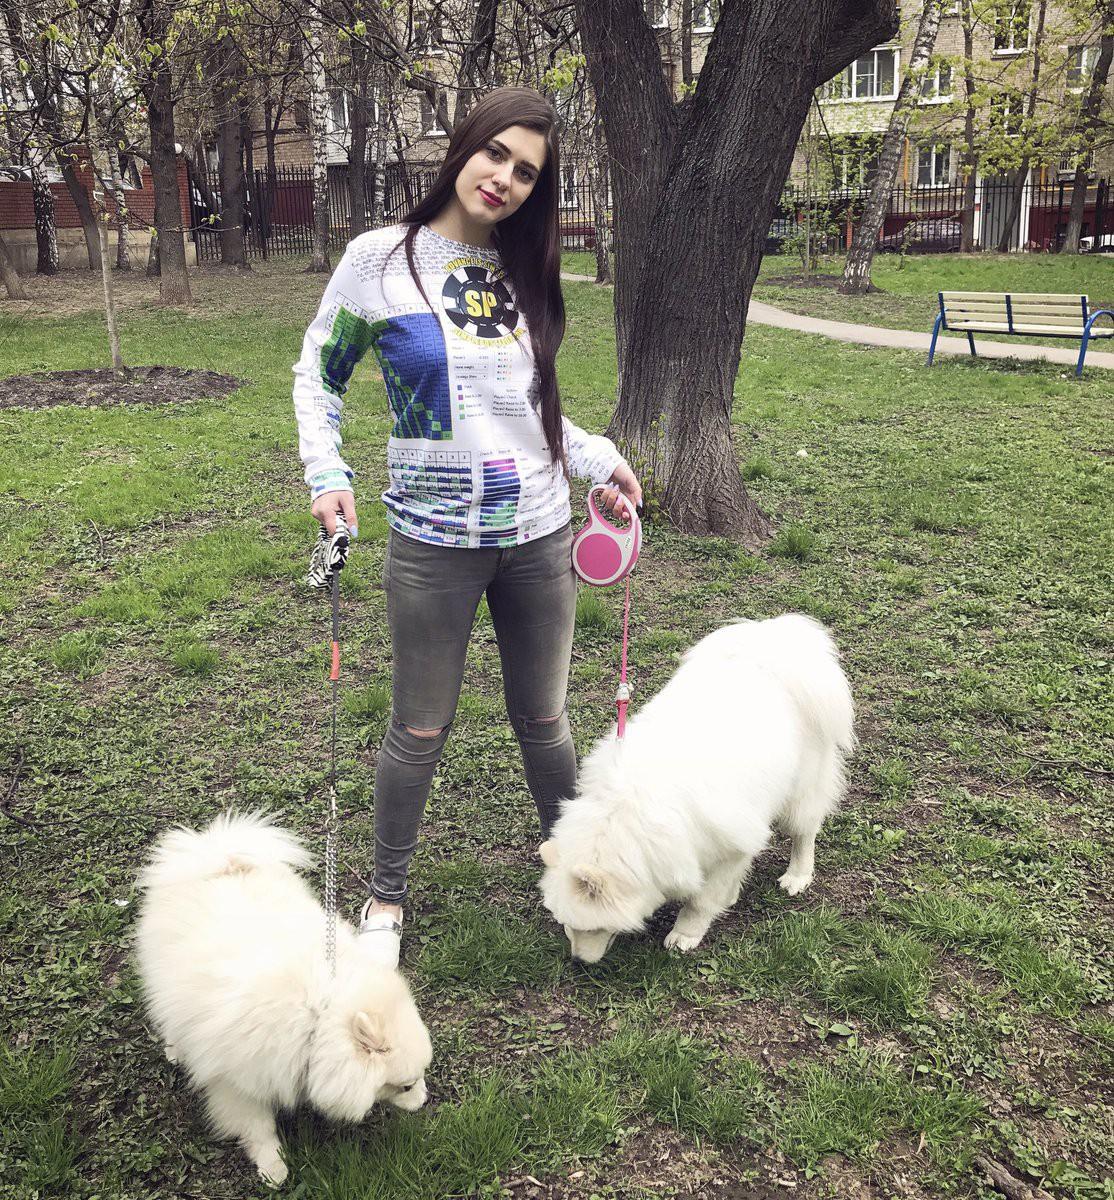 Nga: Cựu nữ game thủ Dota2 xinh đẹp chết bí ẩn trong phòng tắm - Ảnh 1.